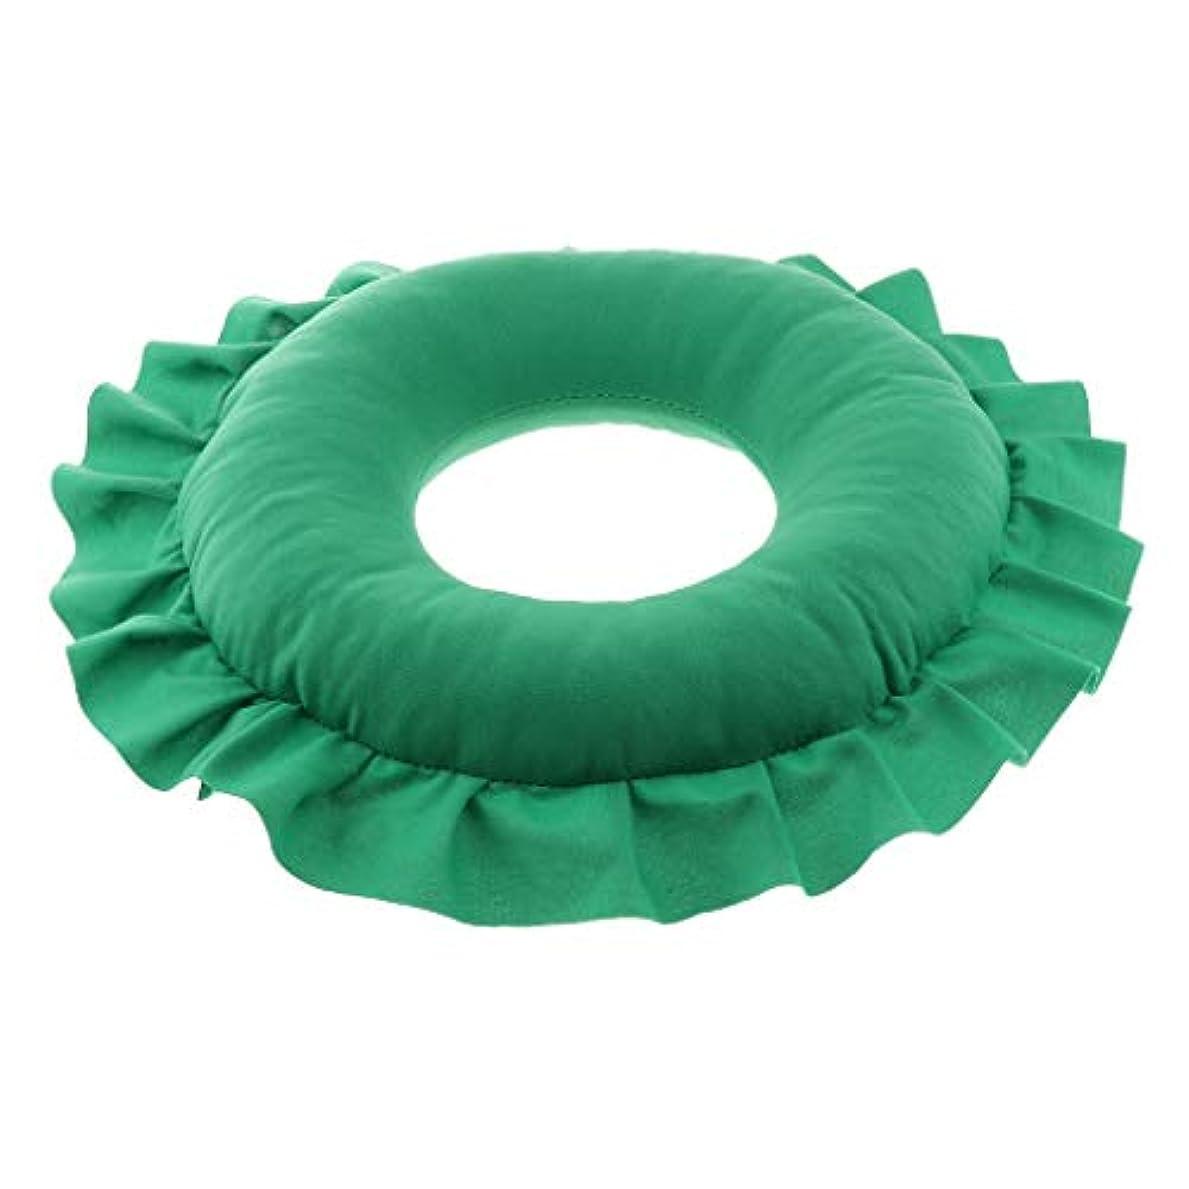 削る戸棚含めるCUTICATE 全4色 洗えるピロー フェイスピロー 顔枕 マッサージベッド 美容院 ソフト 軽量 快適 - 緑